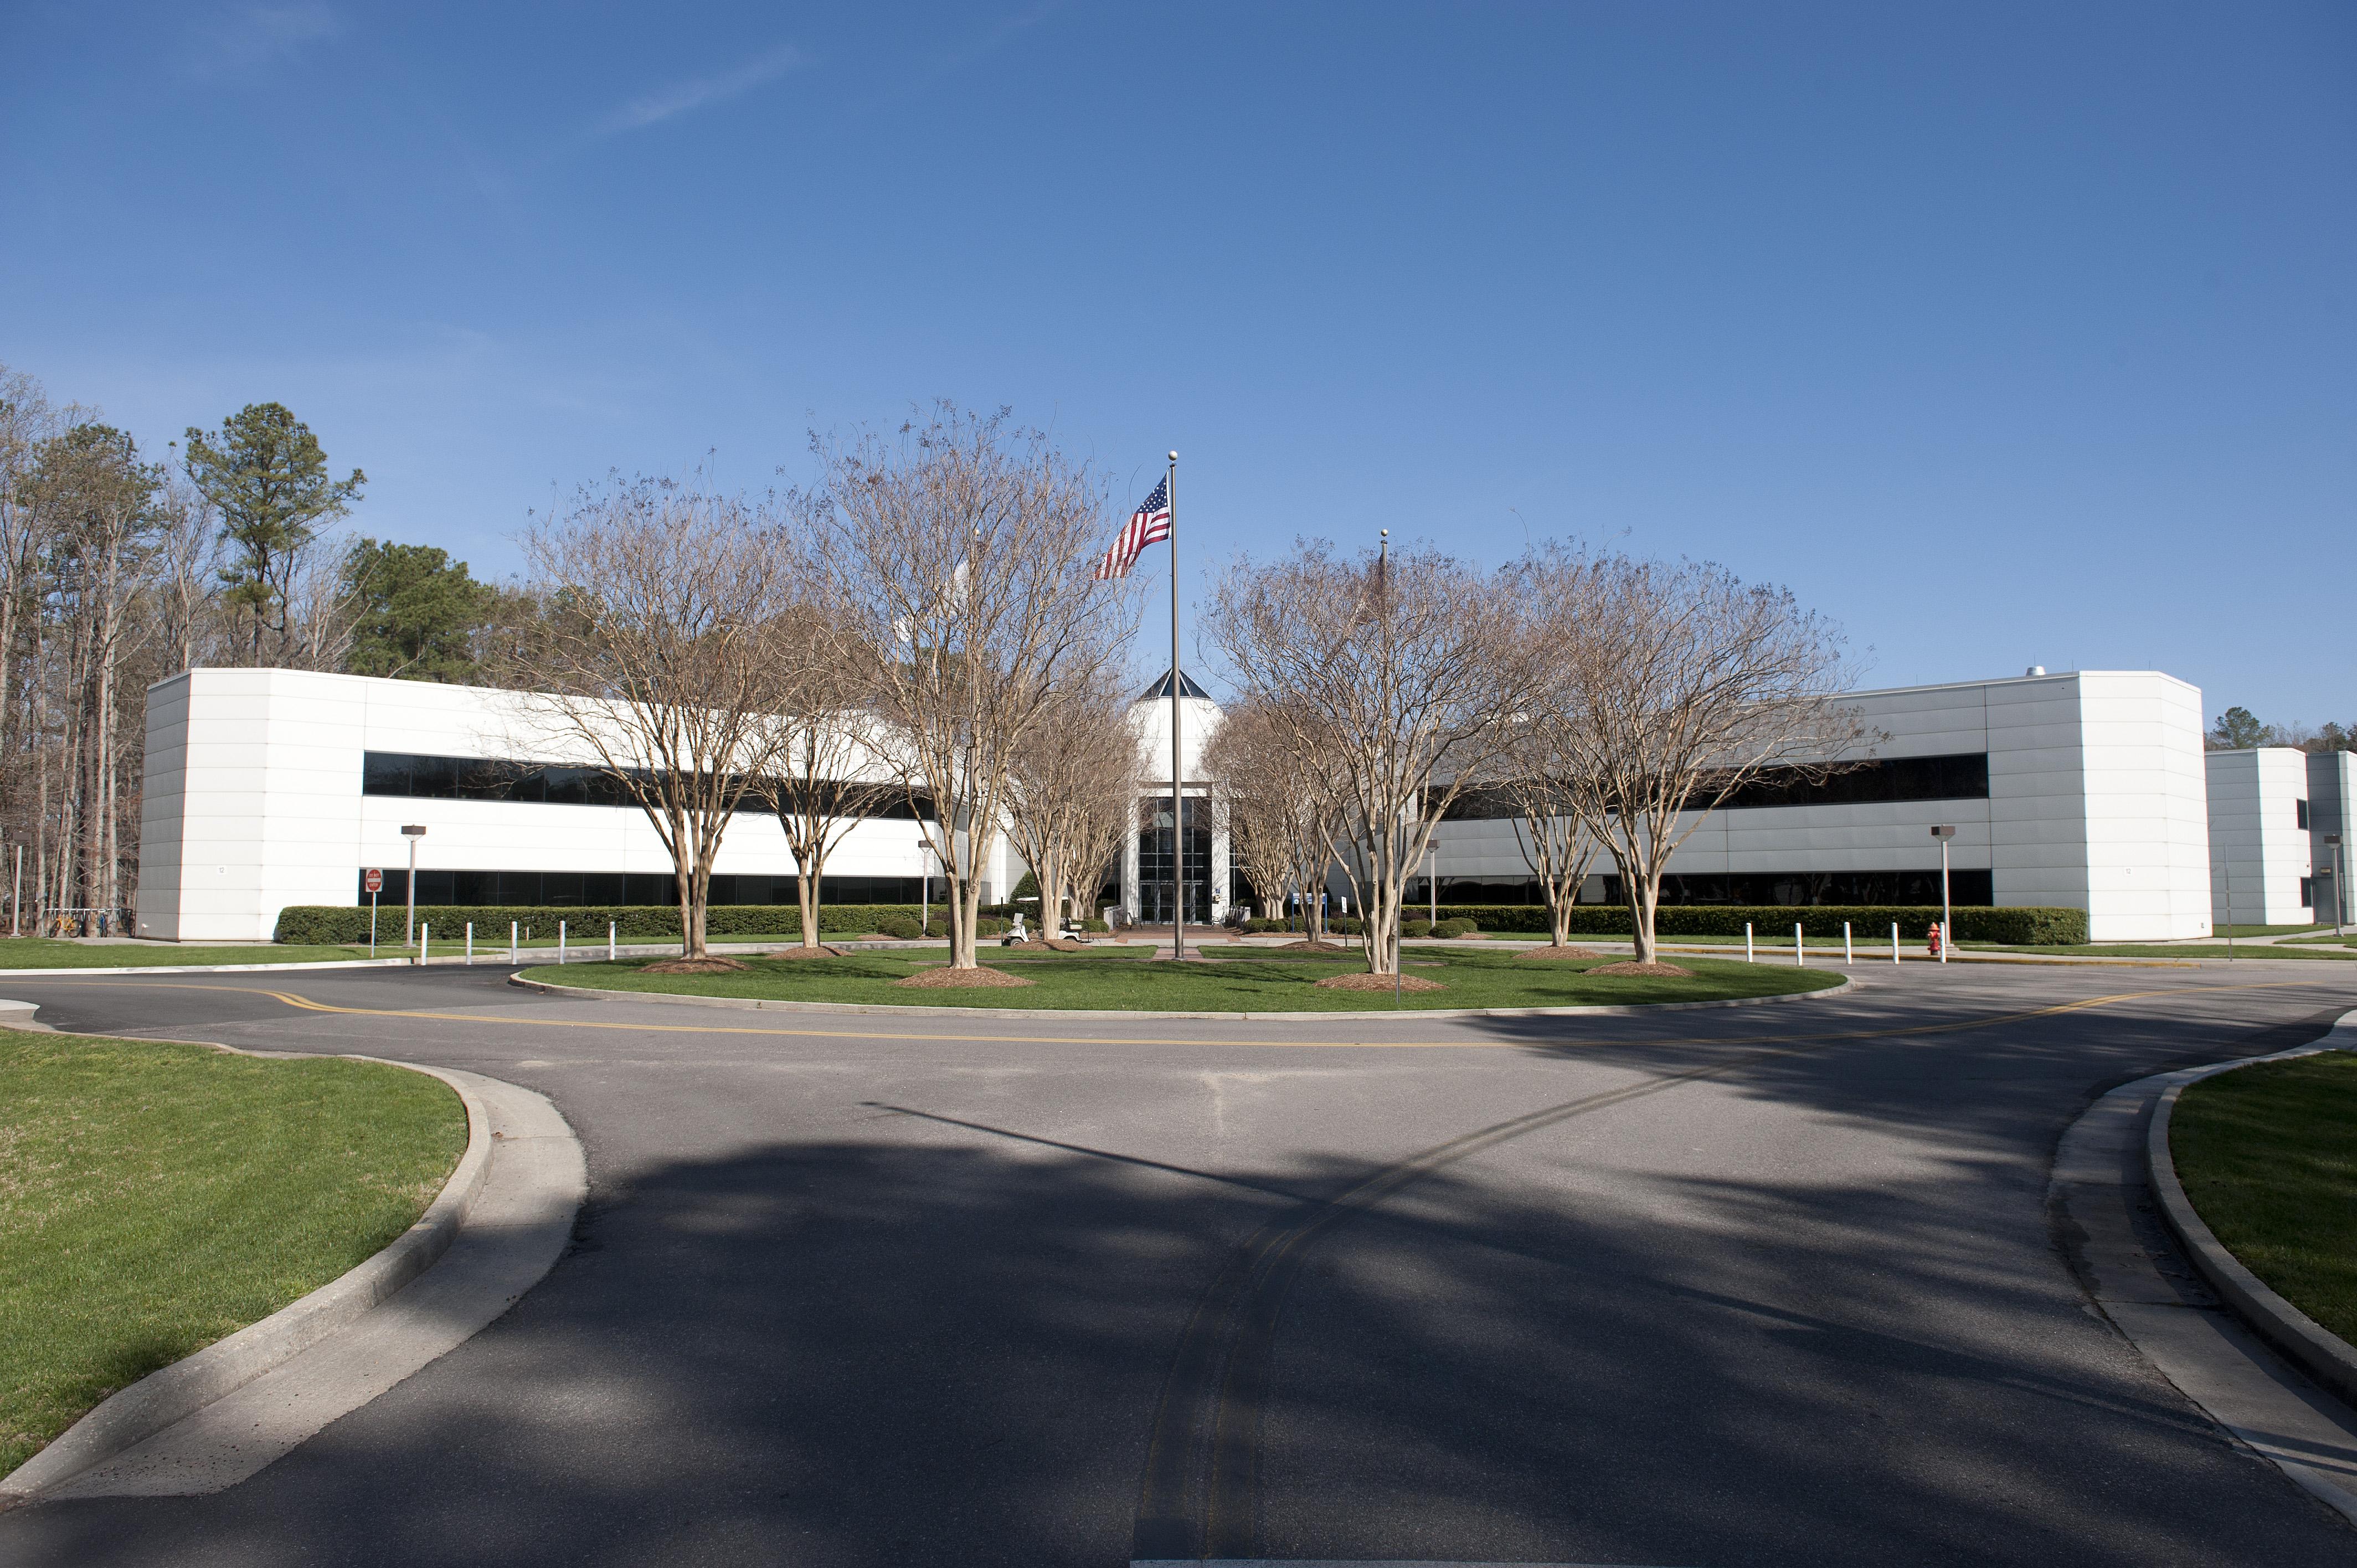 2011 CEBAF Center with flag